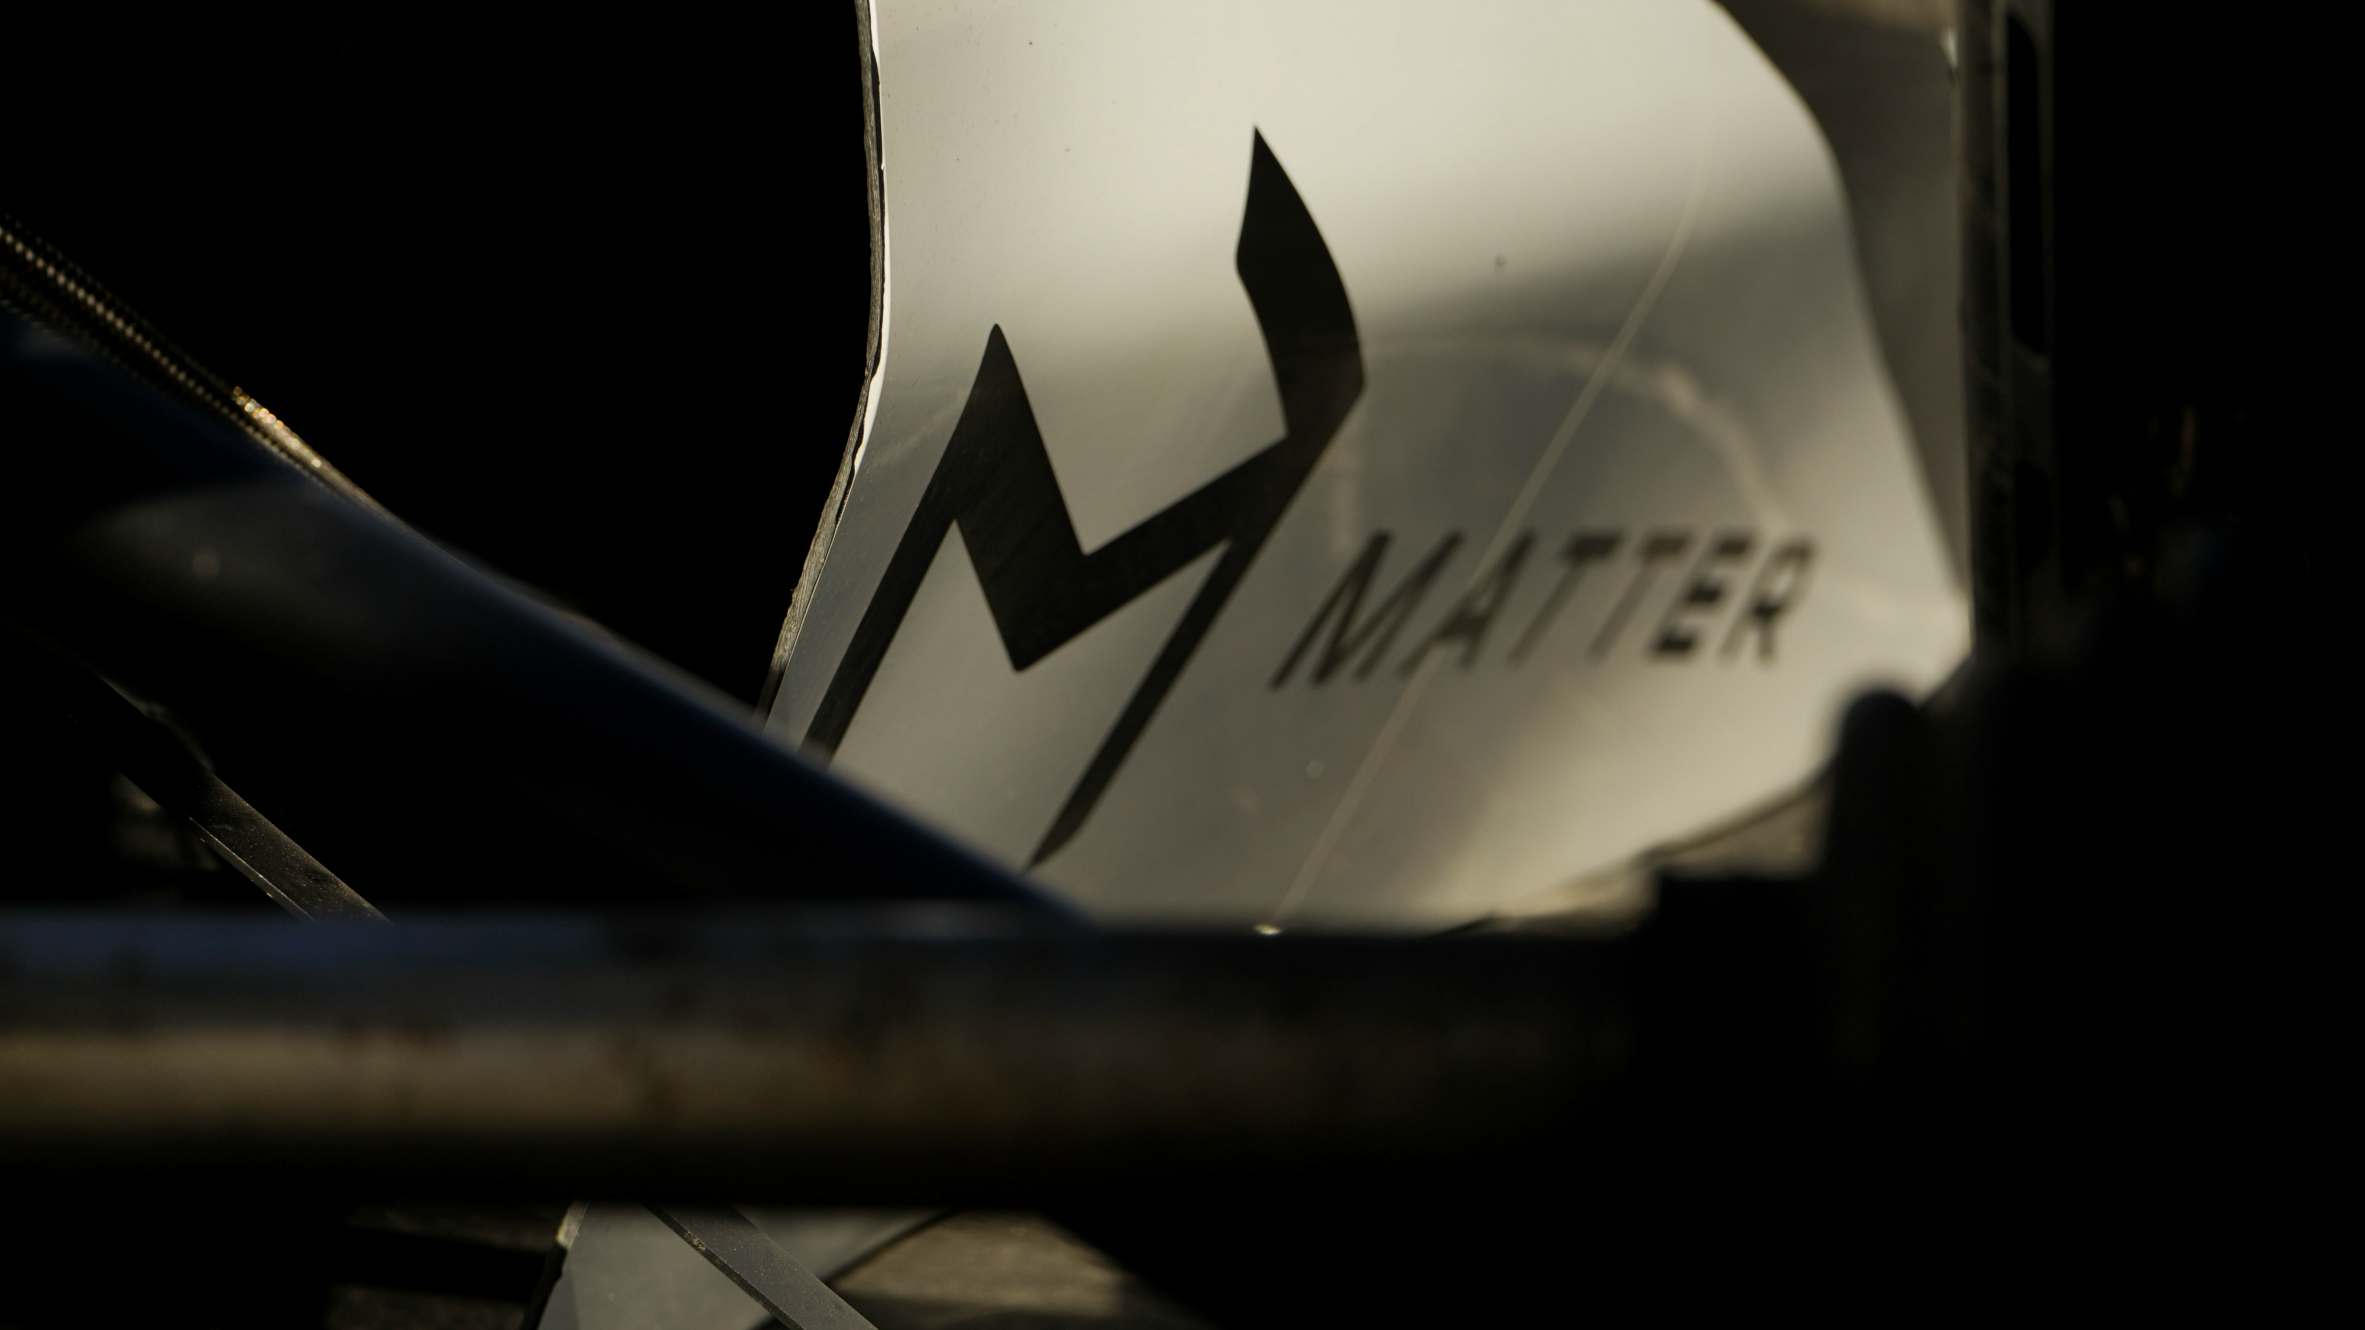 Race Car Branded MATTER